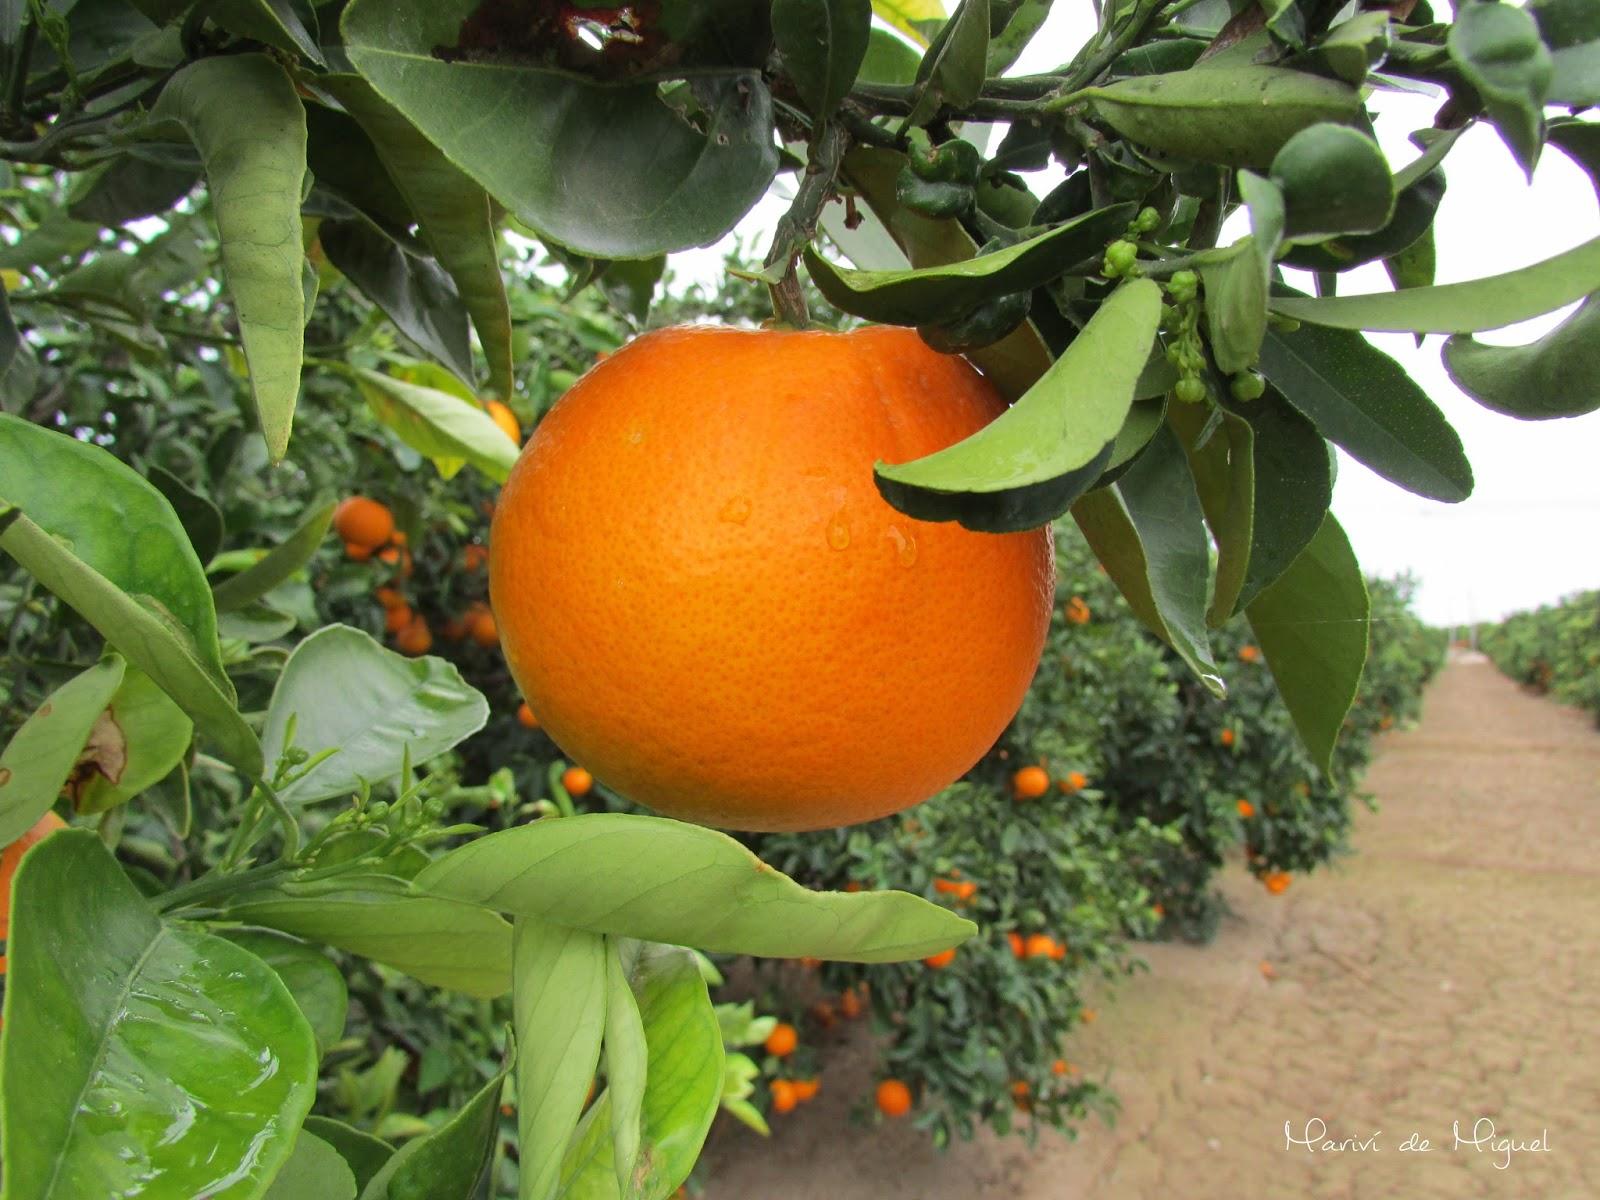 Hermosa naranja de un campo de Mahuella